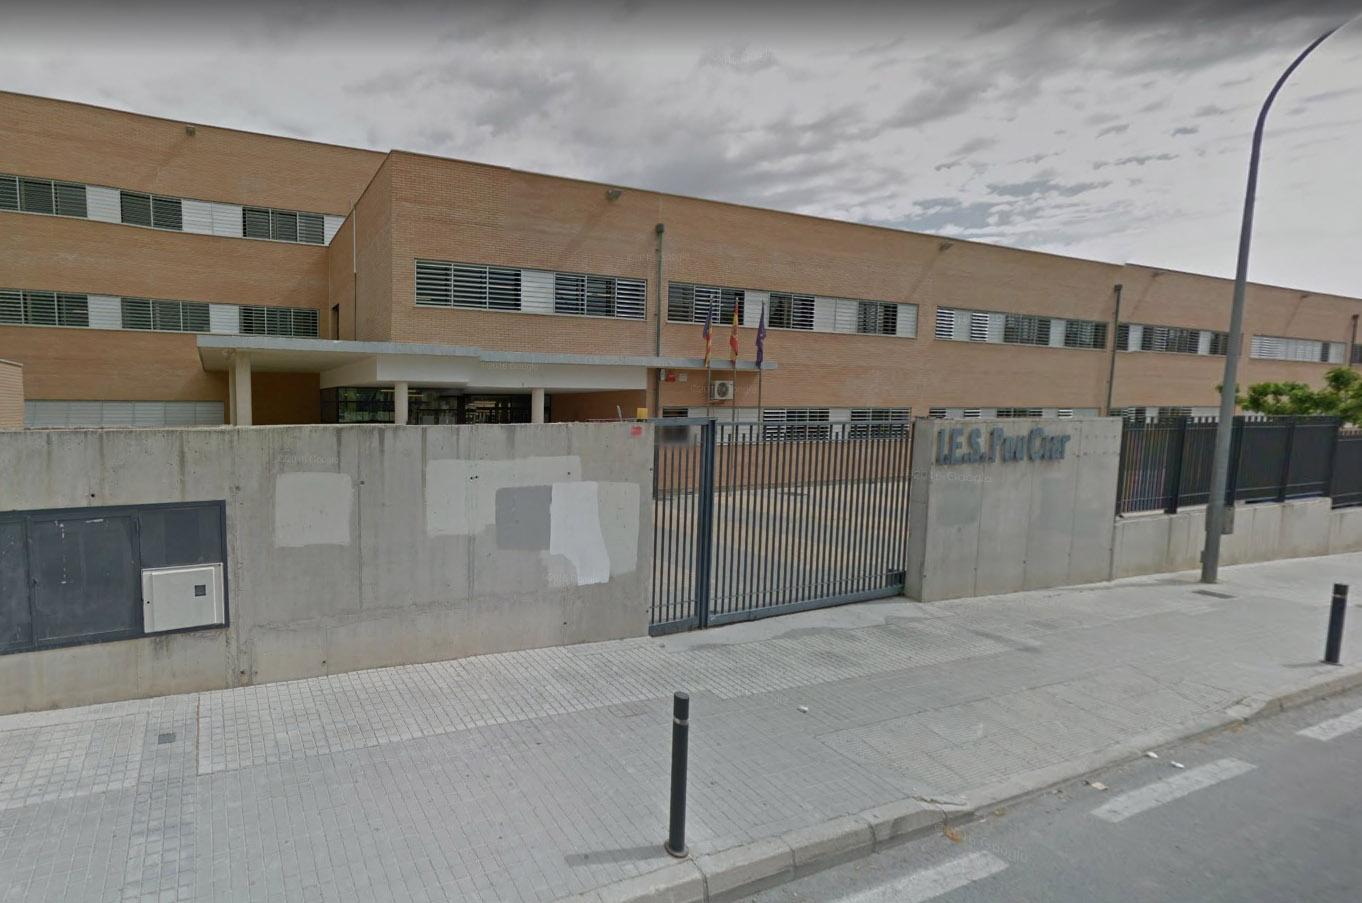 Els alumnes de francés de l'EOI porten 2 mesos sense classes El Periòdic d'Ontinyent